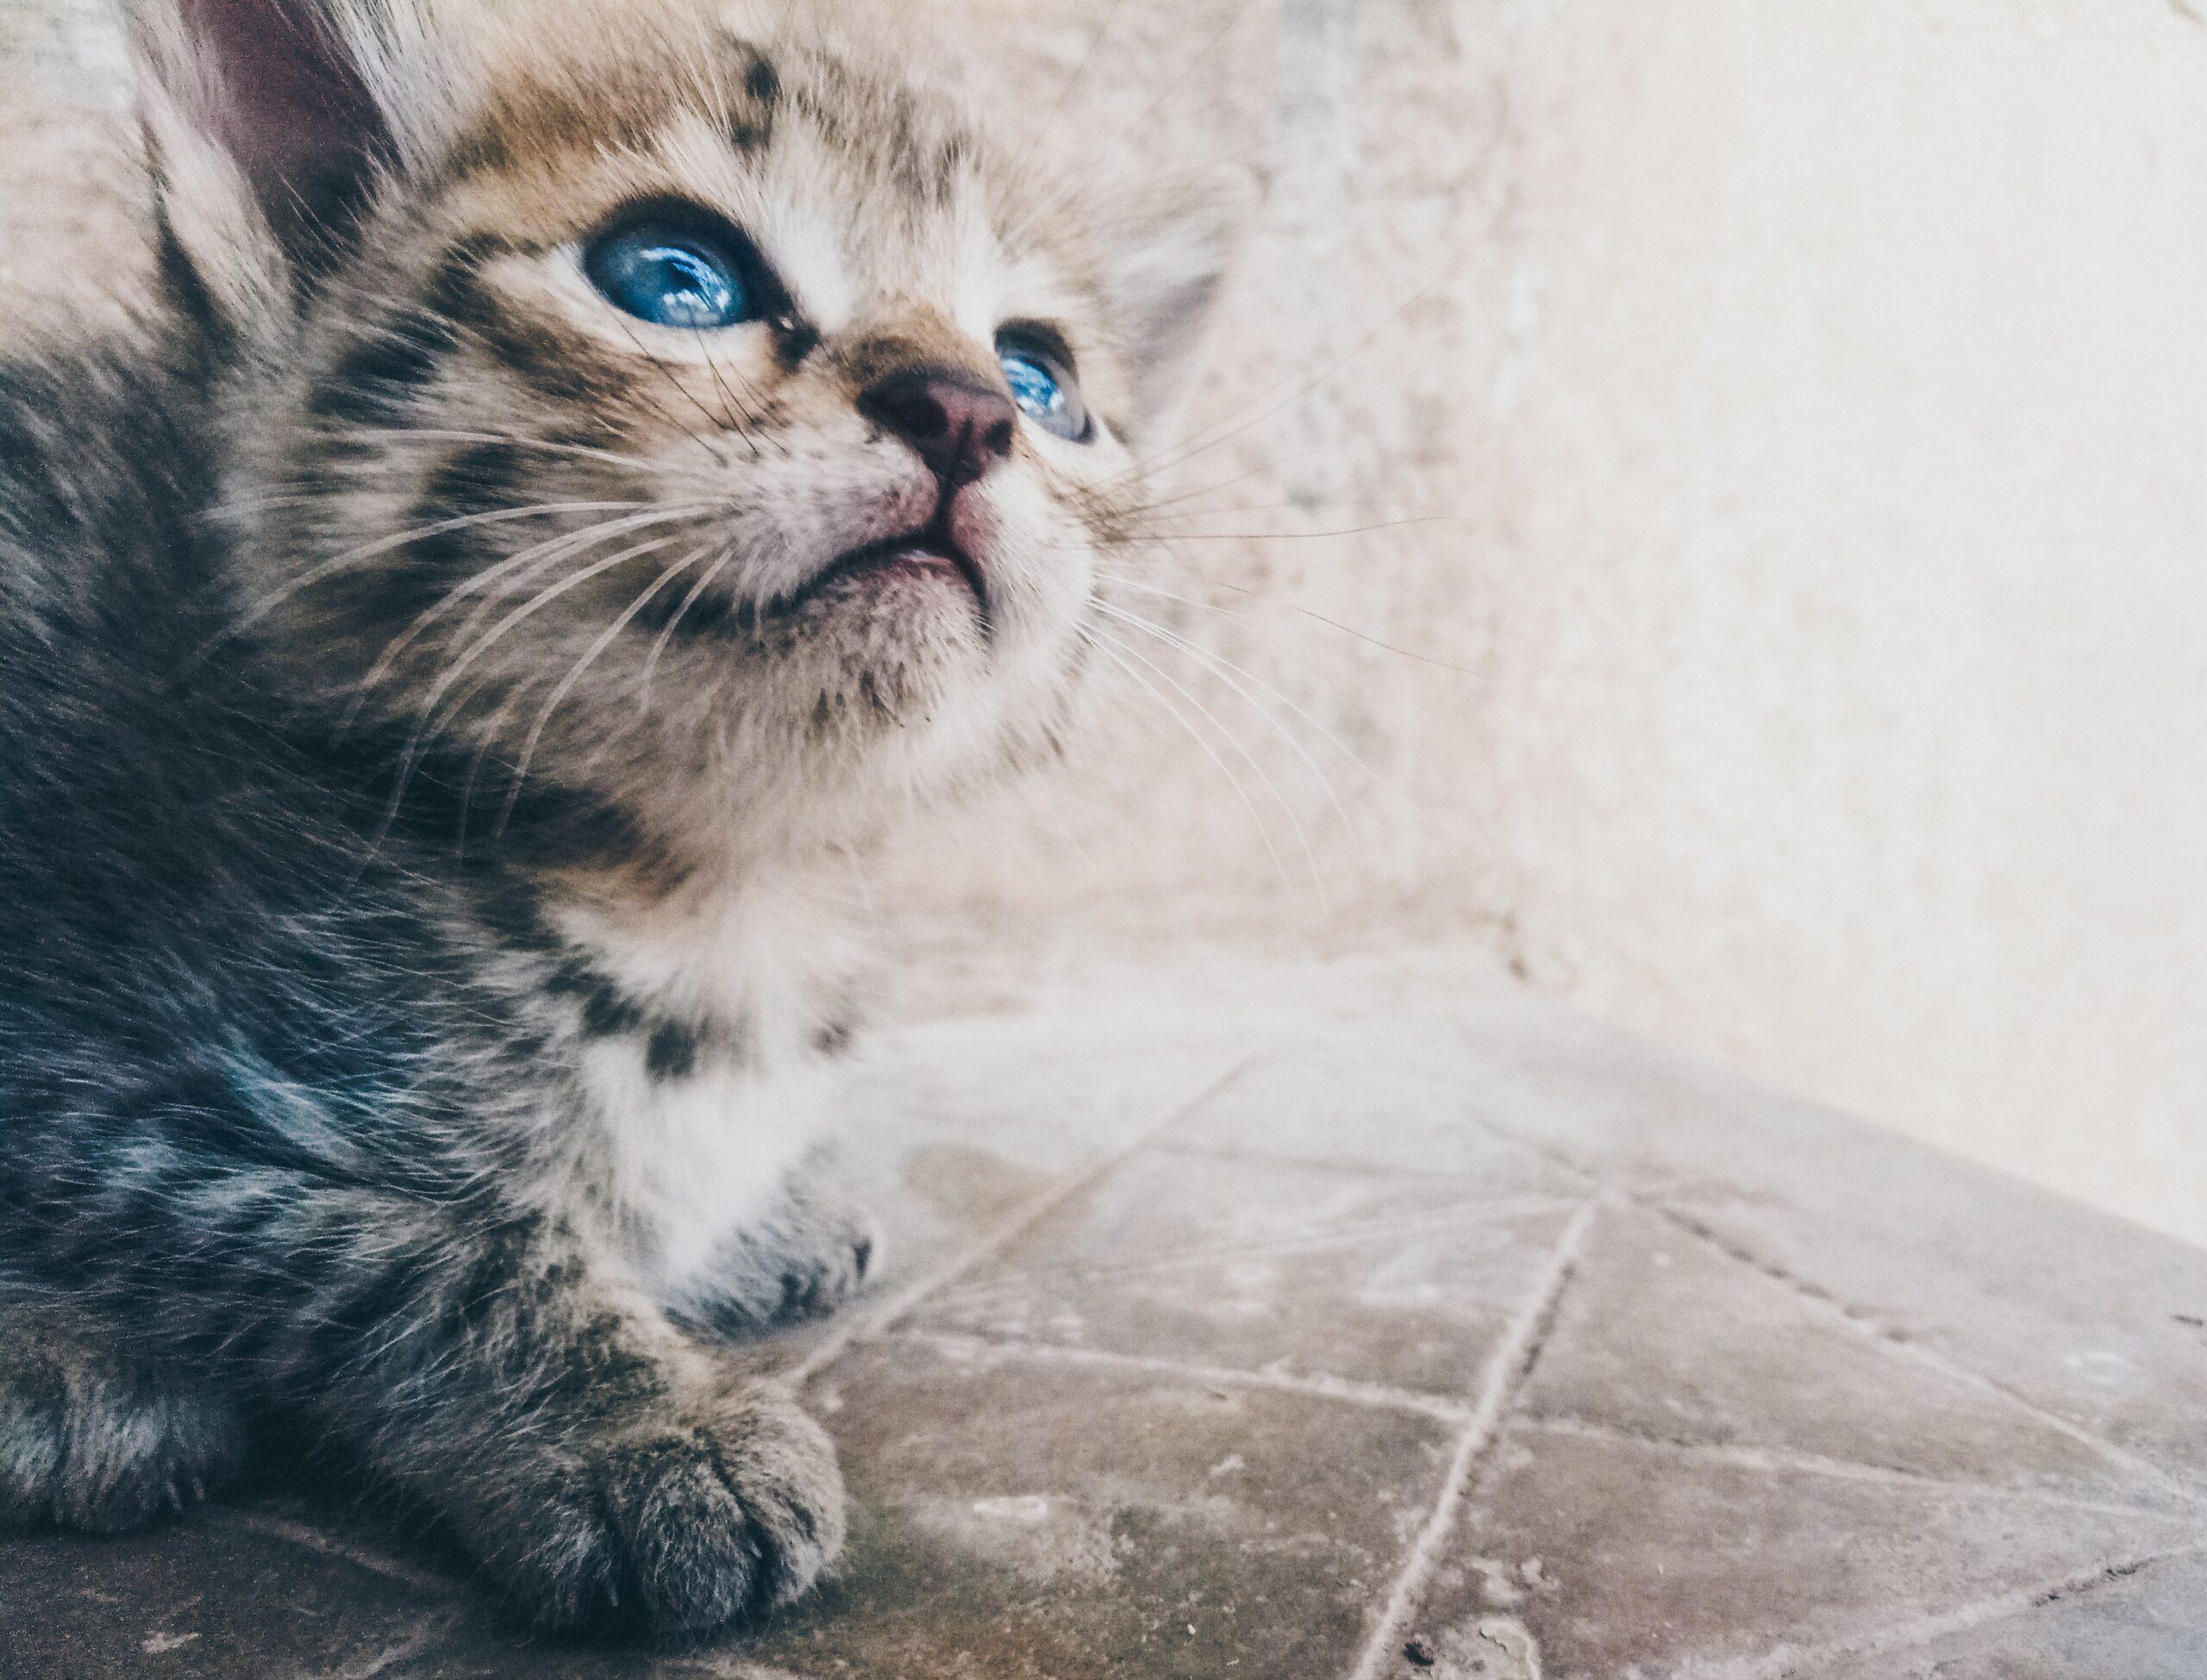 Uppmärksam katt